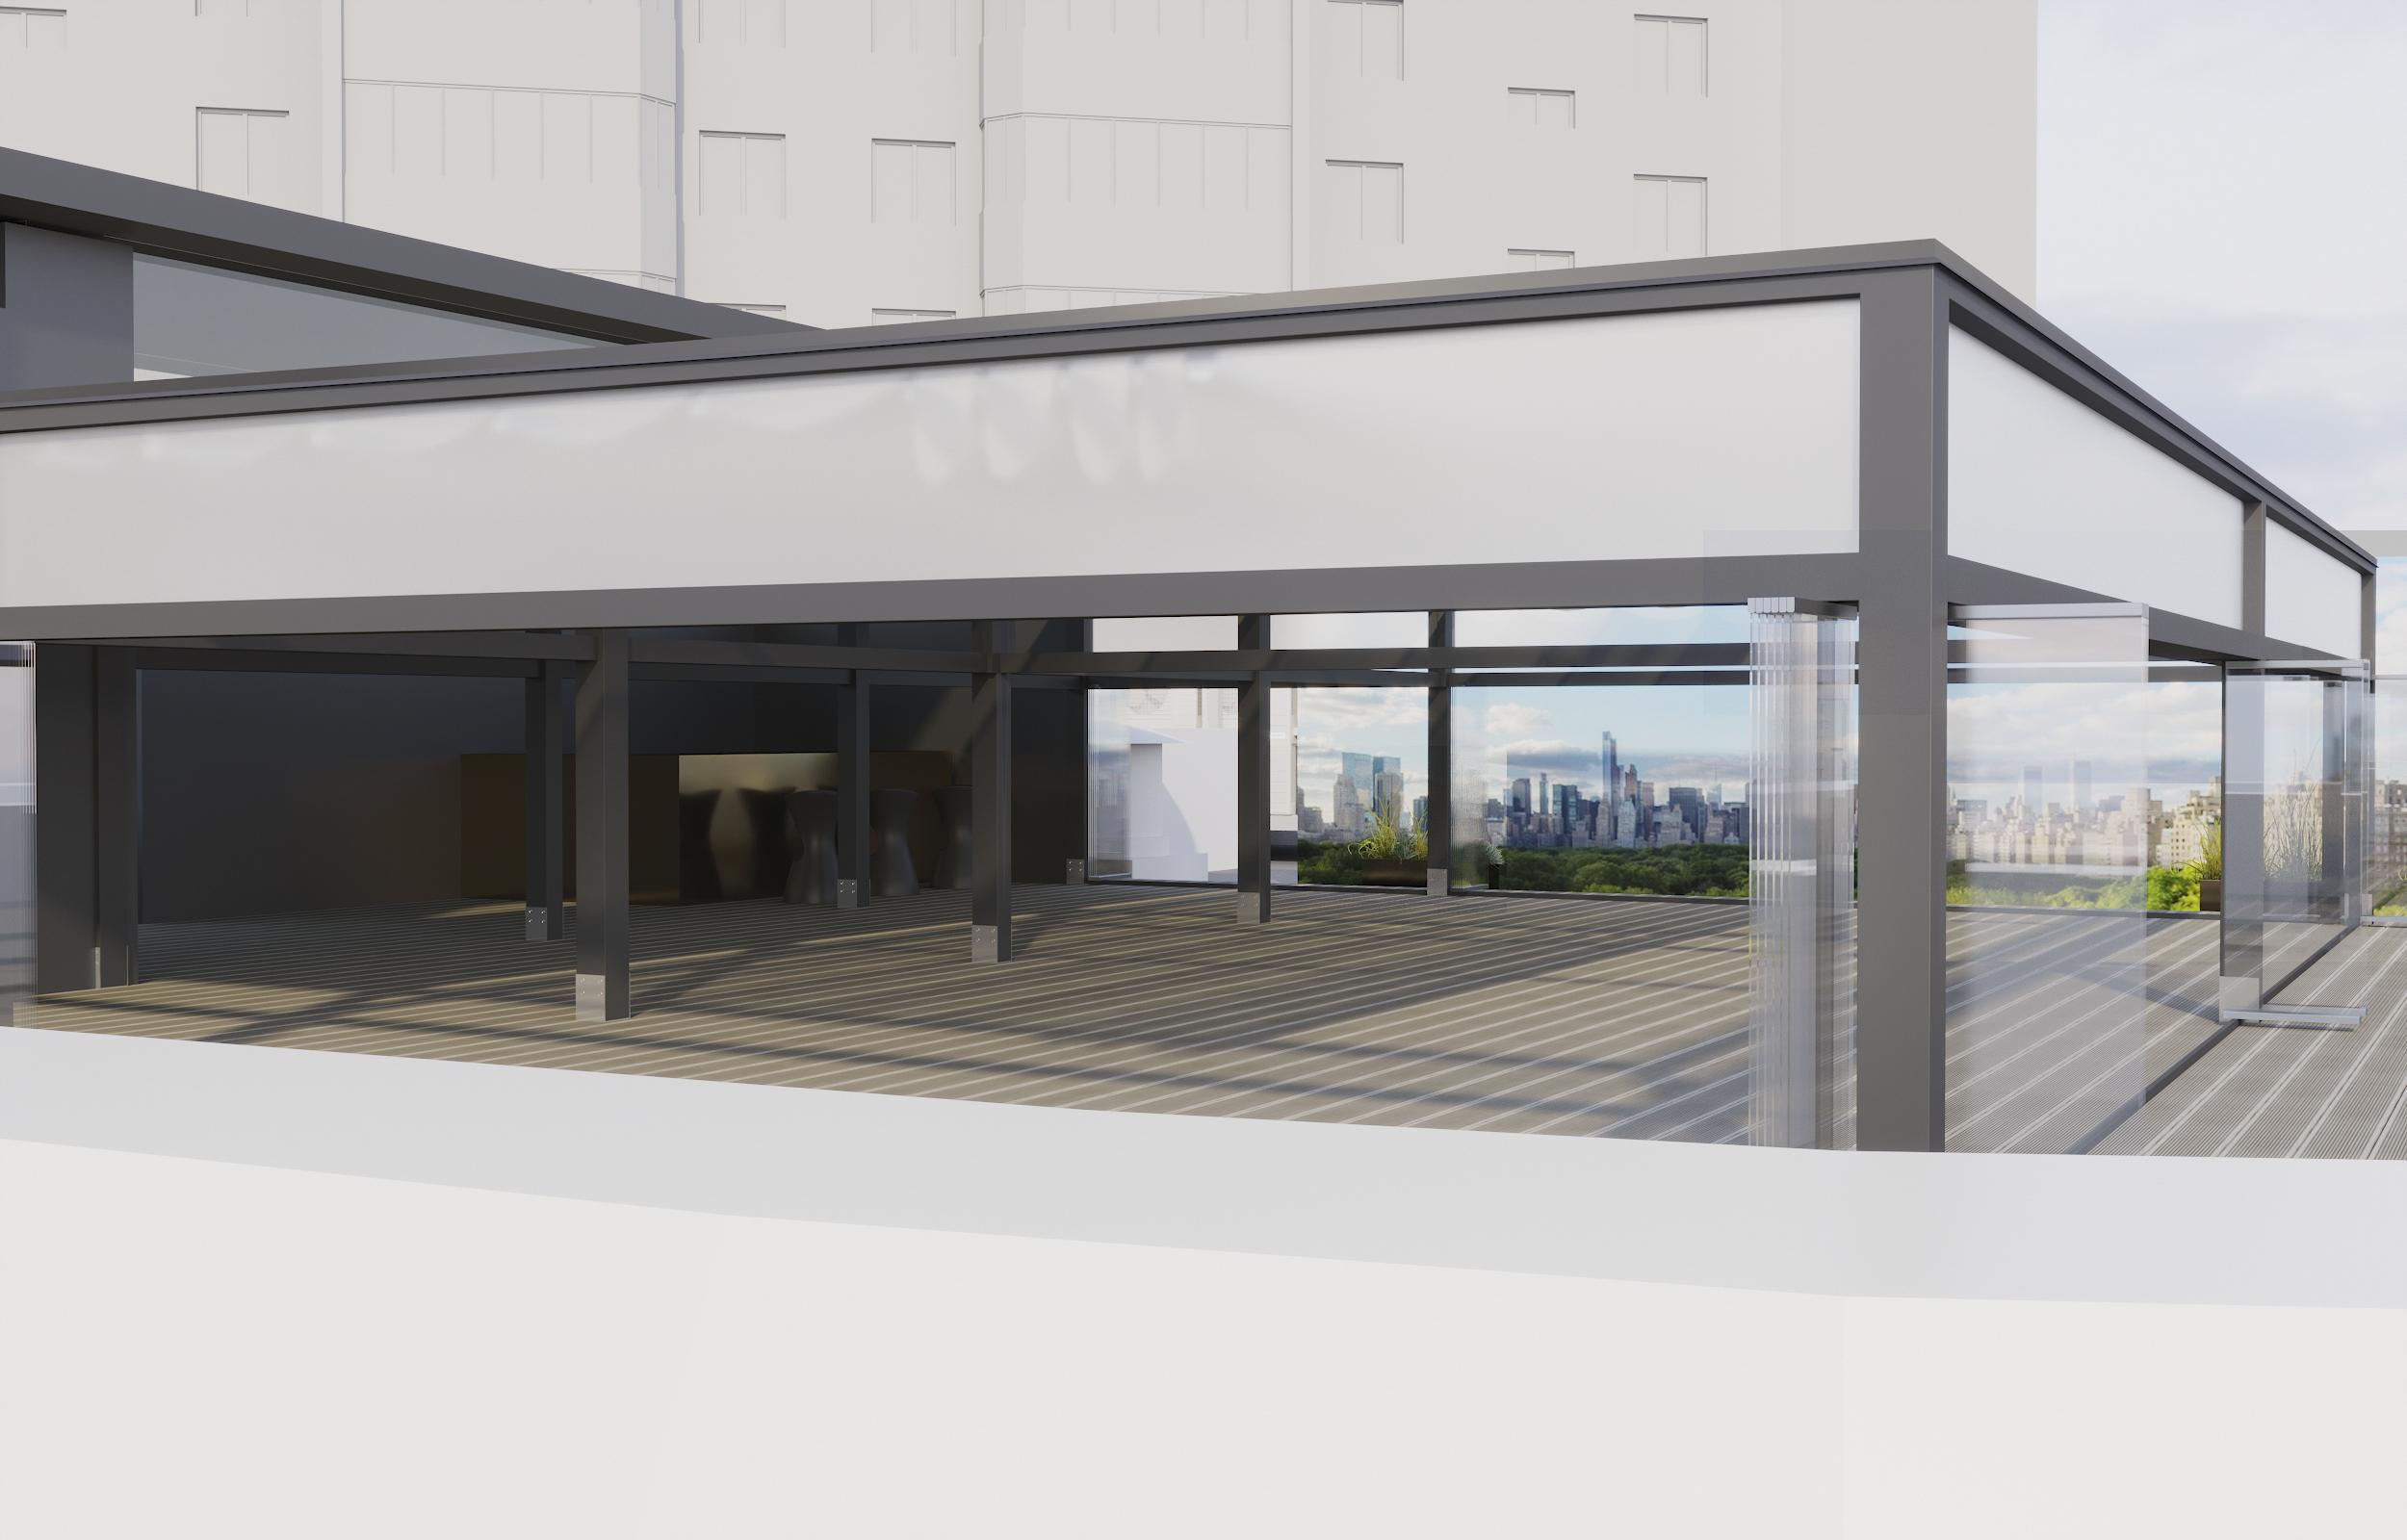 Terrace extention